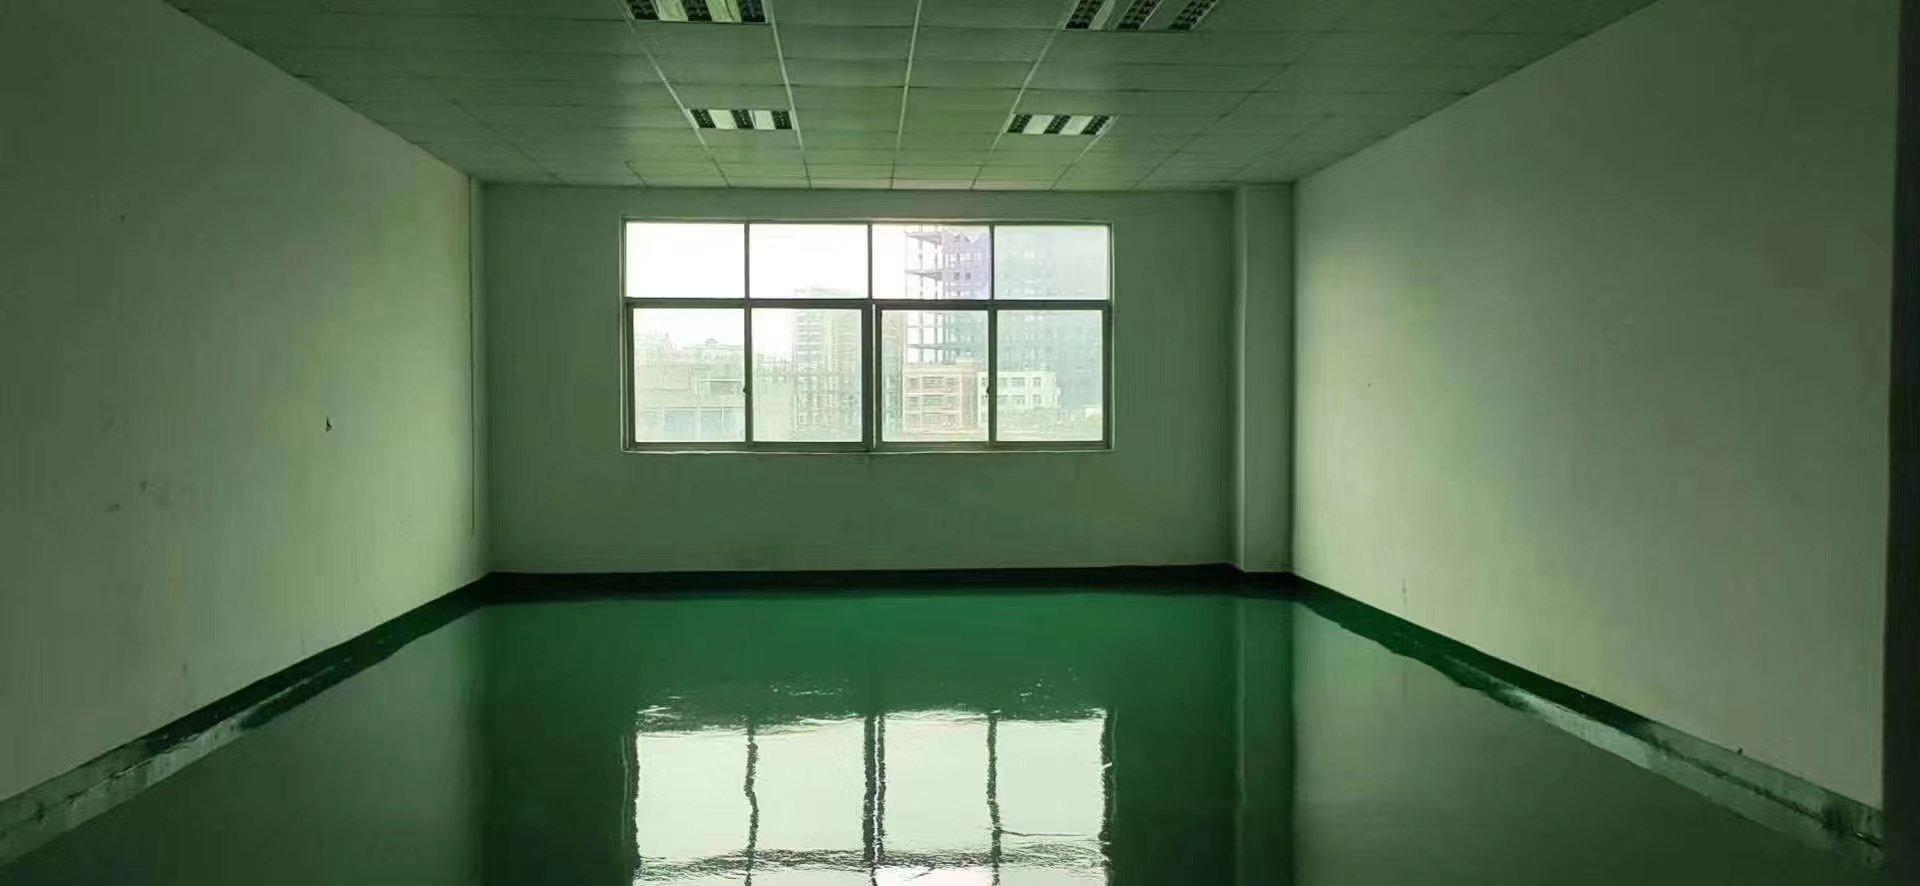 龙华区观澜主干道边楼上一整层标准厂房招租。